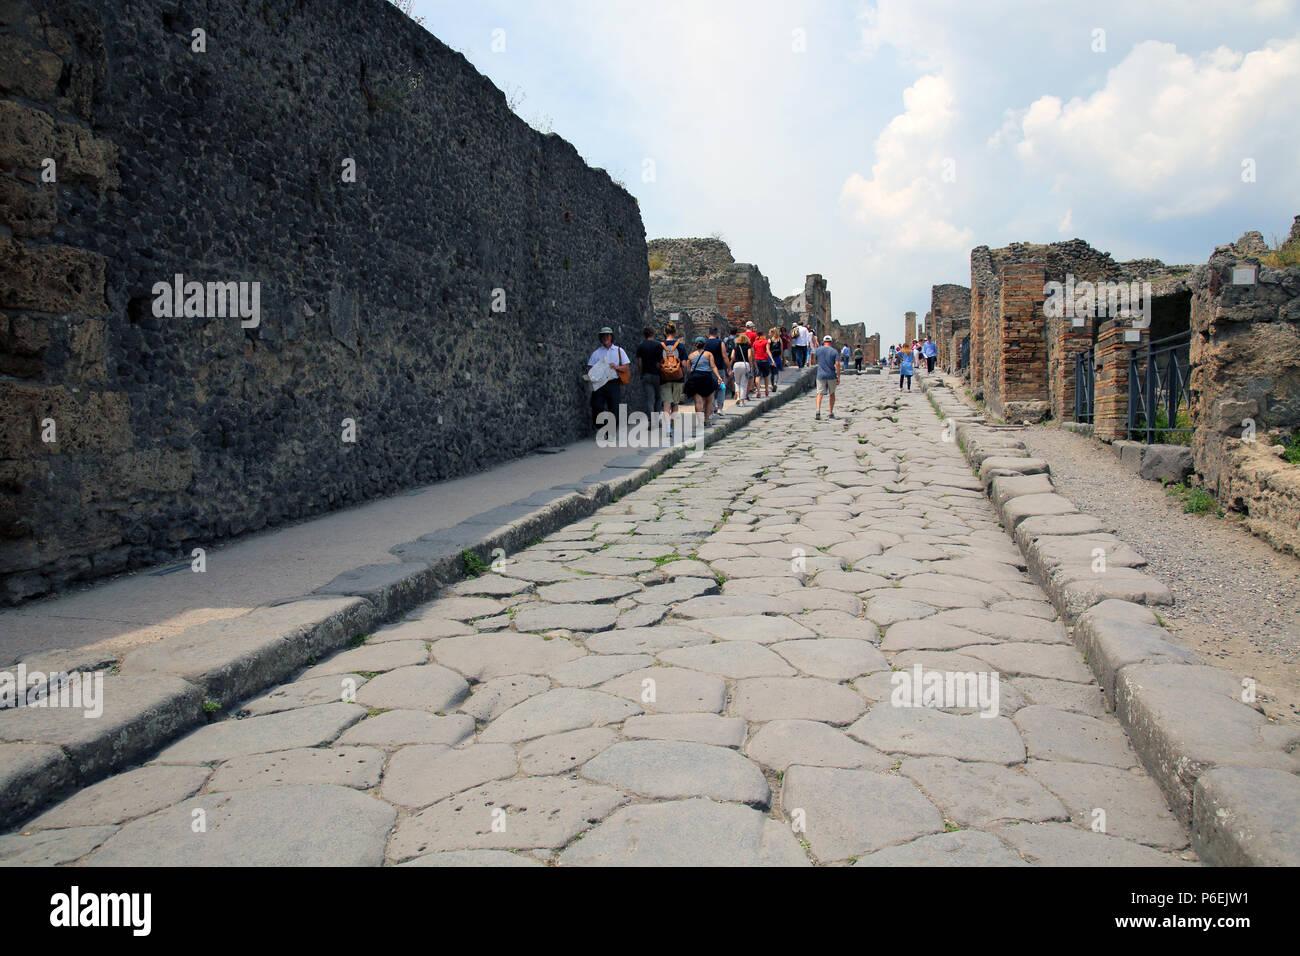 Antica strada romana nel recuperare le rovine di Pompei dopo l eruzione del  Vesuvio nel 79 d.c Foto stock - Alamy